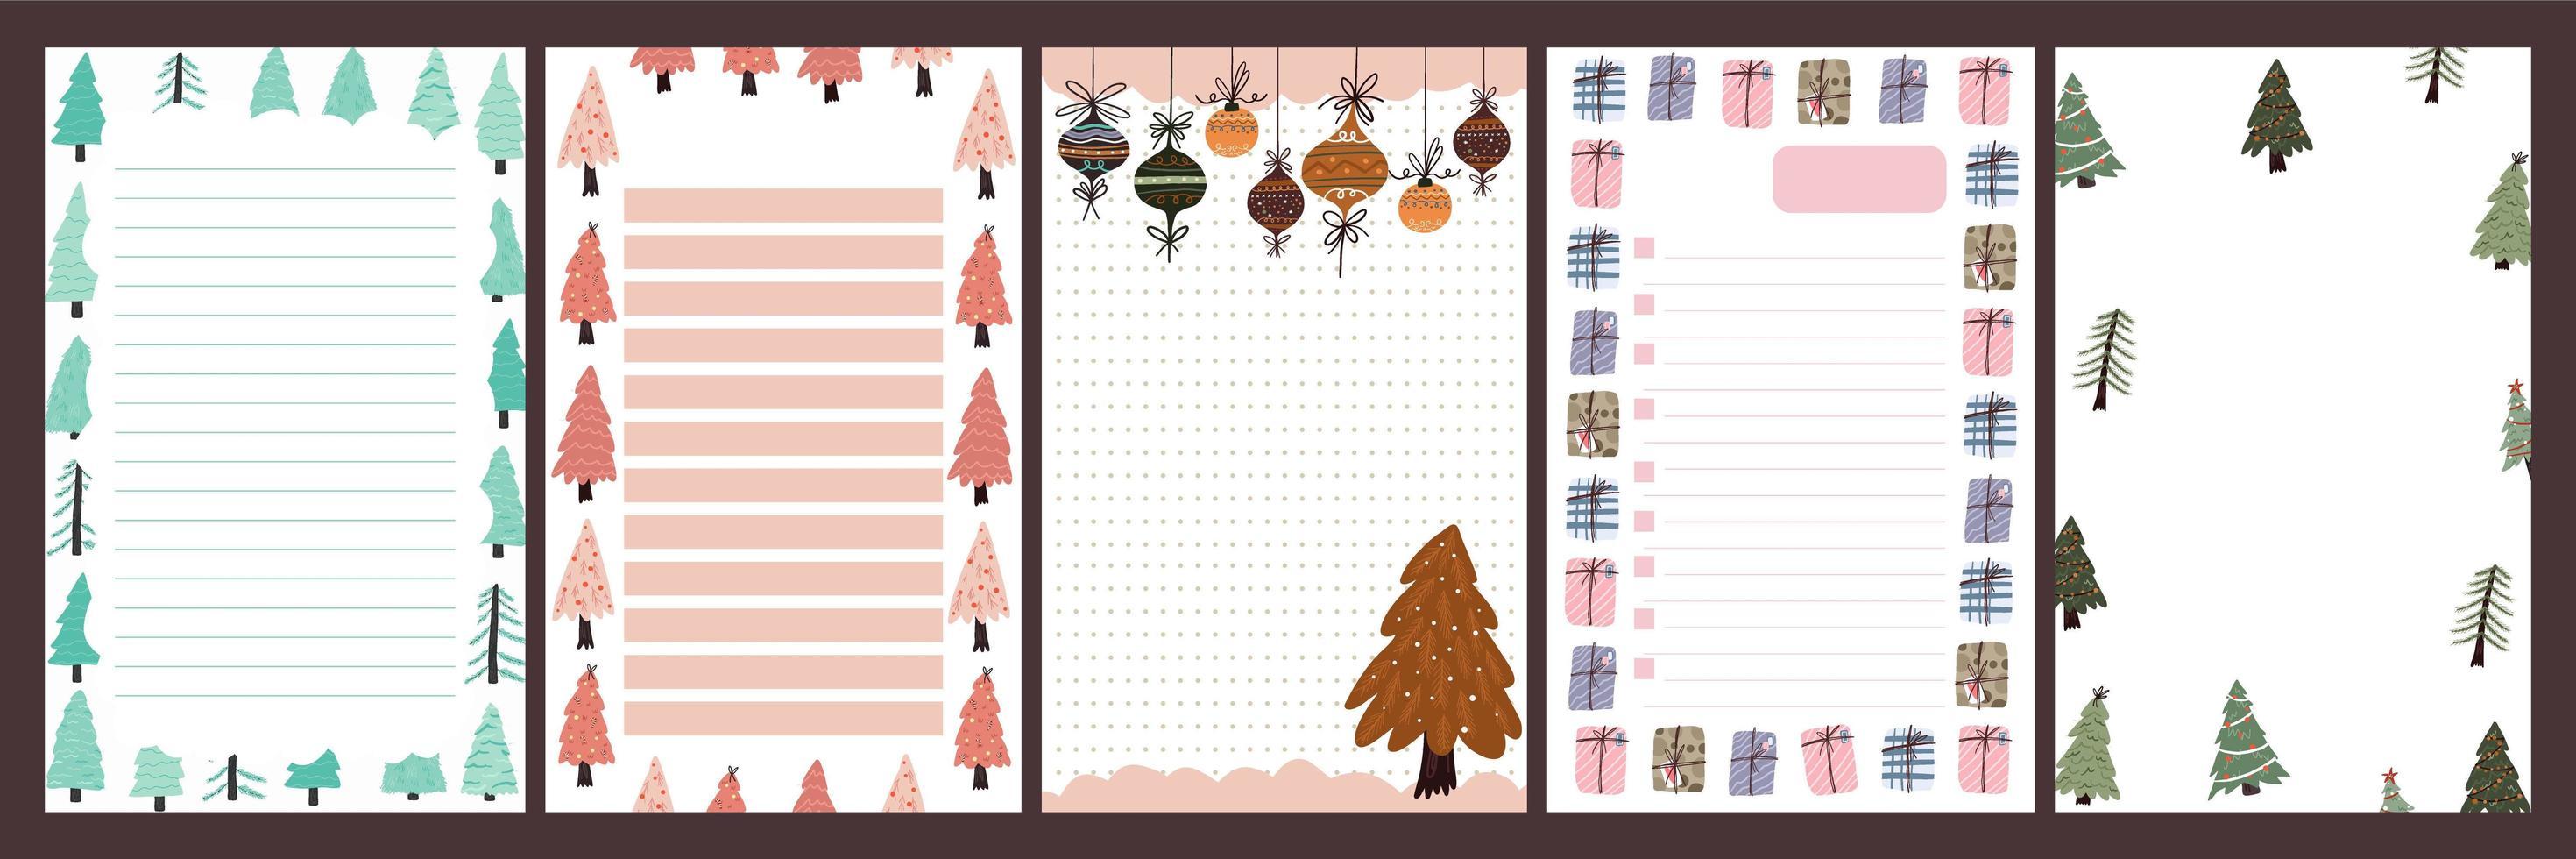 journal de vacances de Noël, ensemble de bloc-notes vecteur